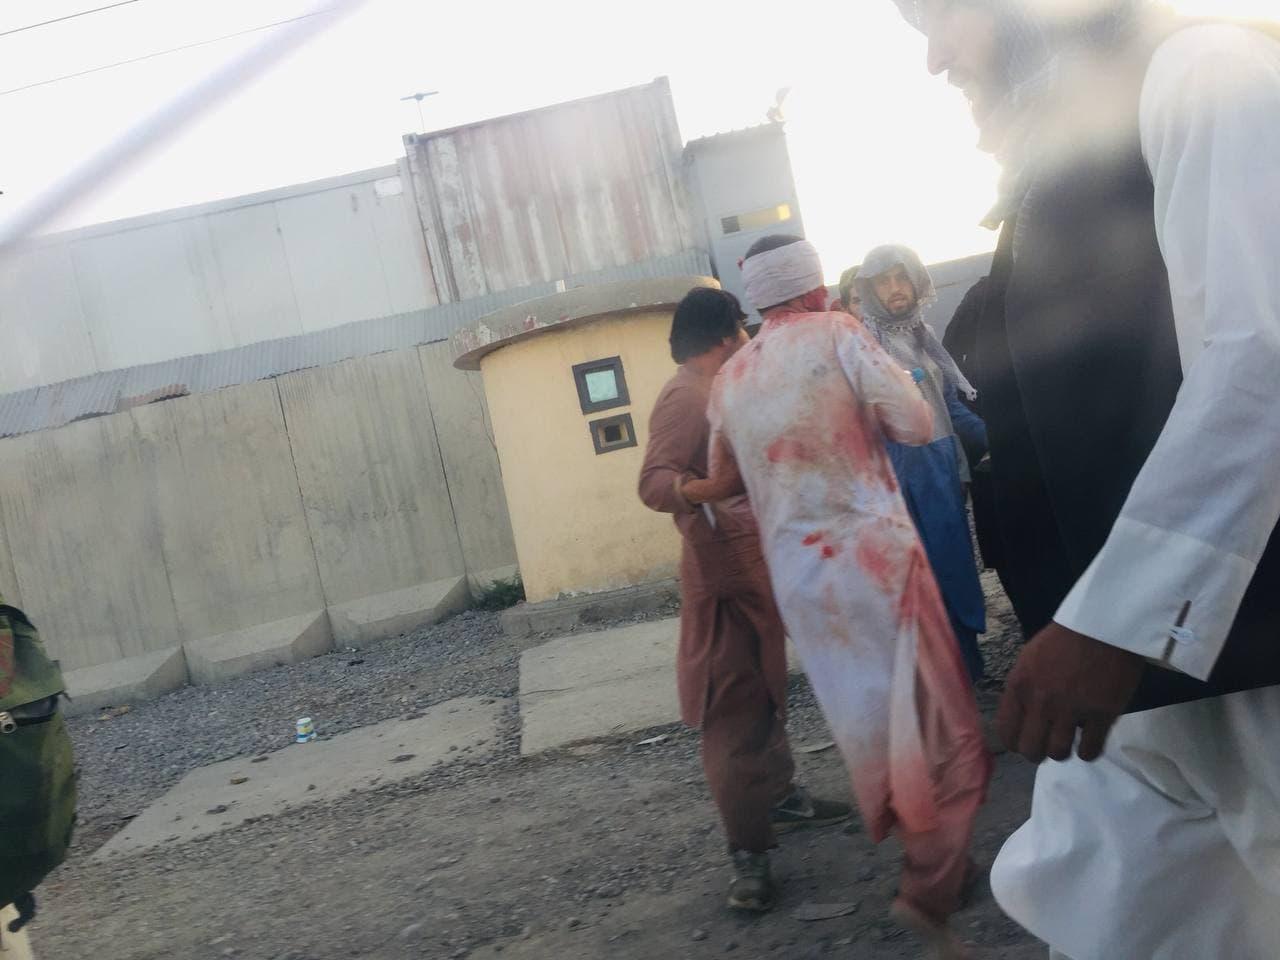 આશંકા વ્યક્ત કરી હતી કે ISIS કાબુલ એરપોર્ટમાં હુમલો કરી શકે છે.